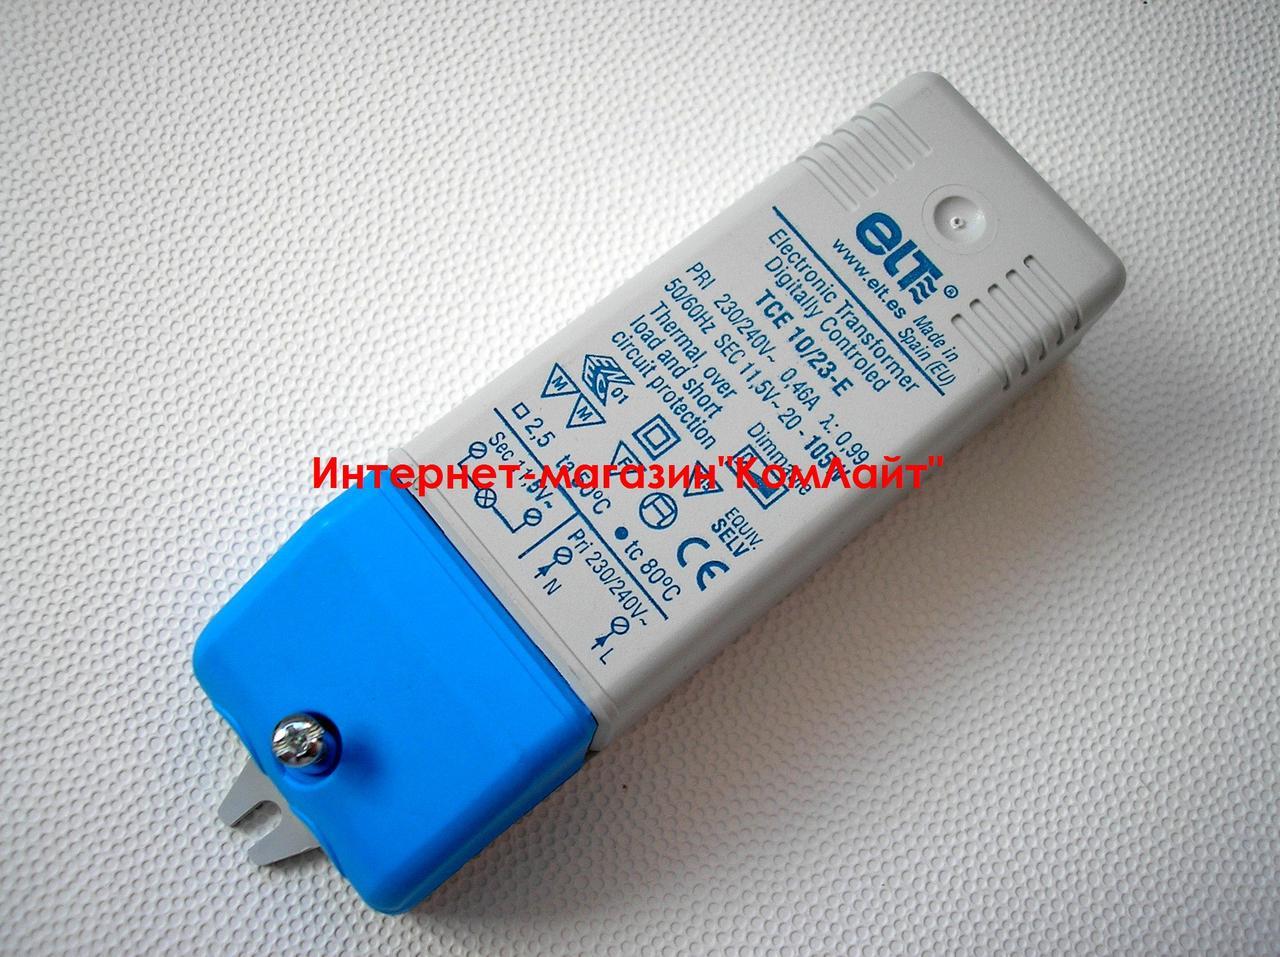 Трансформатор понижающий 105 Вт ELT TCE 10/23-E 20-105W  220/12V(Испания)